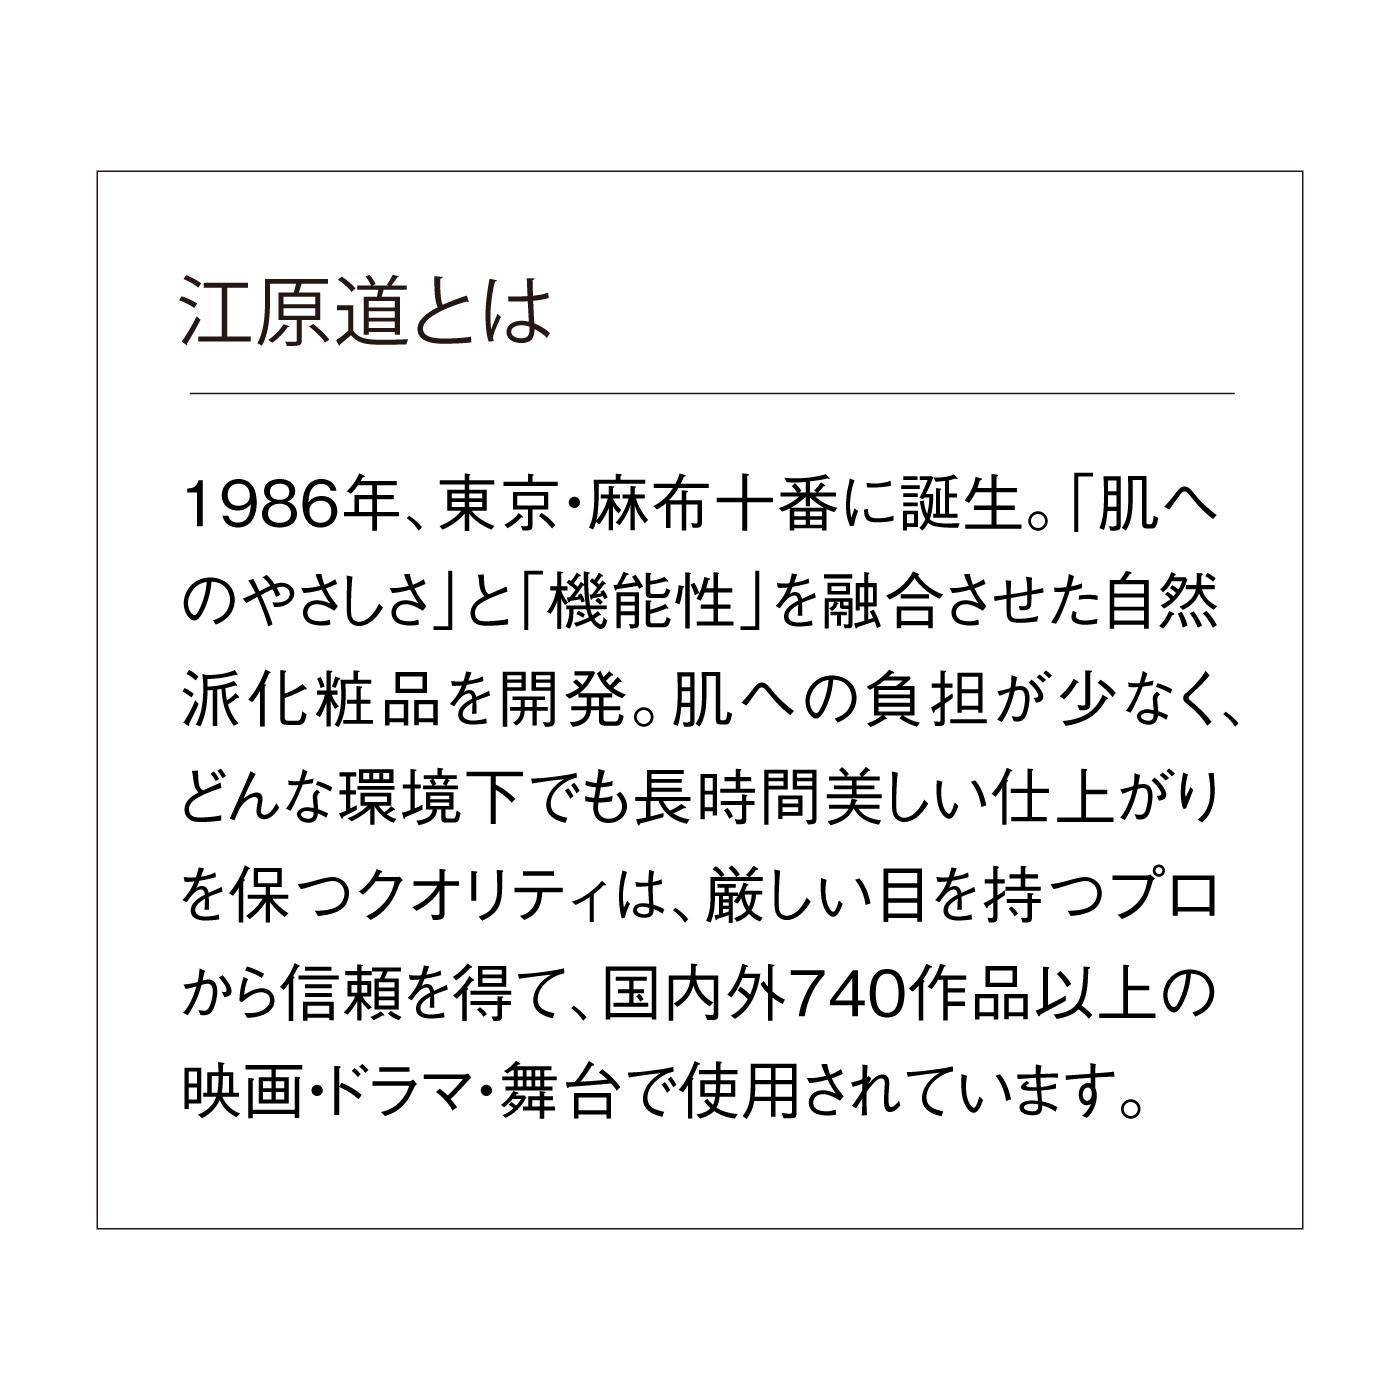 江原道とは 1986年、東京・麻布十番に誕生。「肌へのやさしさ」と「機能性」を融合させた自然派化粧品を開発。肌への負担が少なく、どんな環境下でも長時間美しい仕上がりを保つクオリティは、厳しい目を持つプロから信頼を得て、国内外740作品以上*の映画・ドラマ・舞台で使用されています。2017年江原道のイメージキャラクターの映画監督 安藤桃子さん、女優 安藤サクラさんにも「モイスチャー ファンデーション」が使われています。 *2017年5月現在(未公開作品含む)